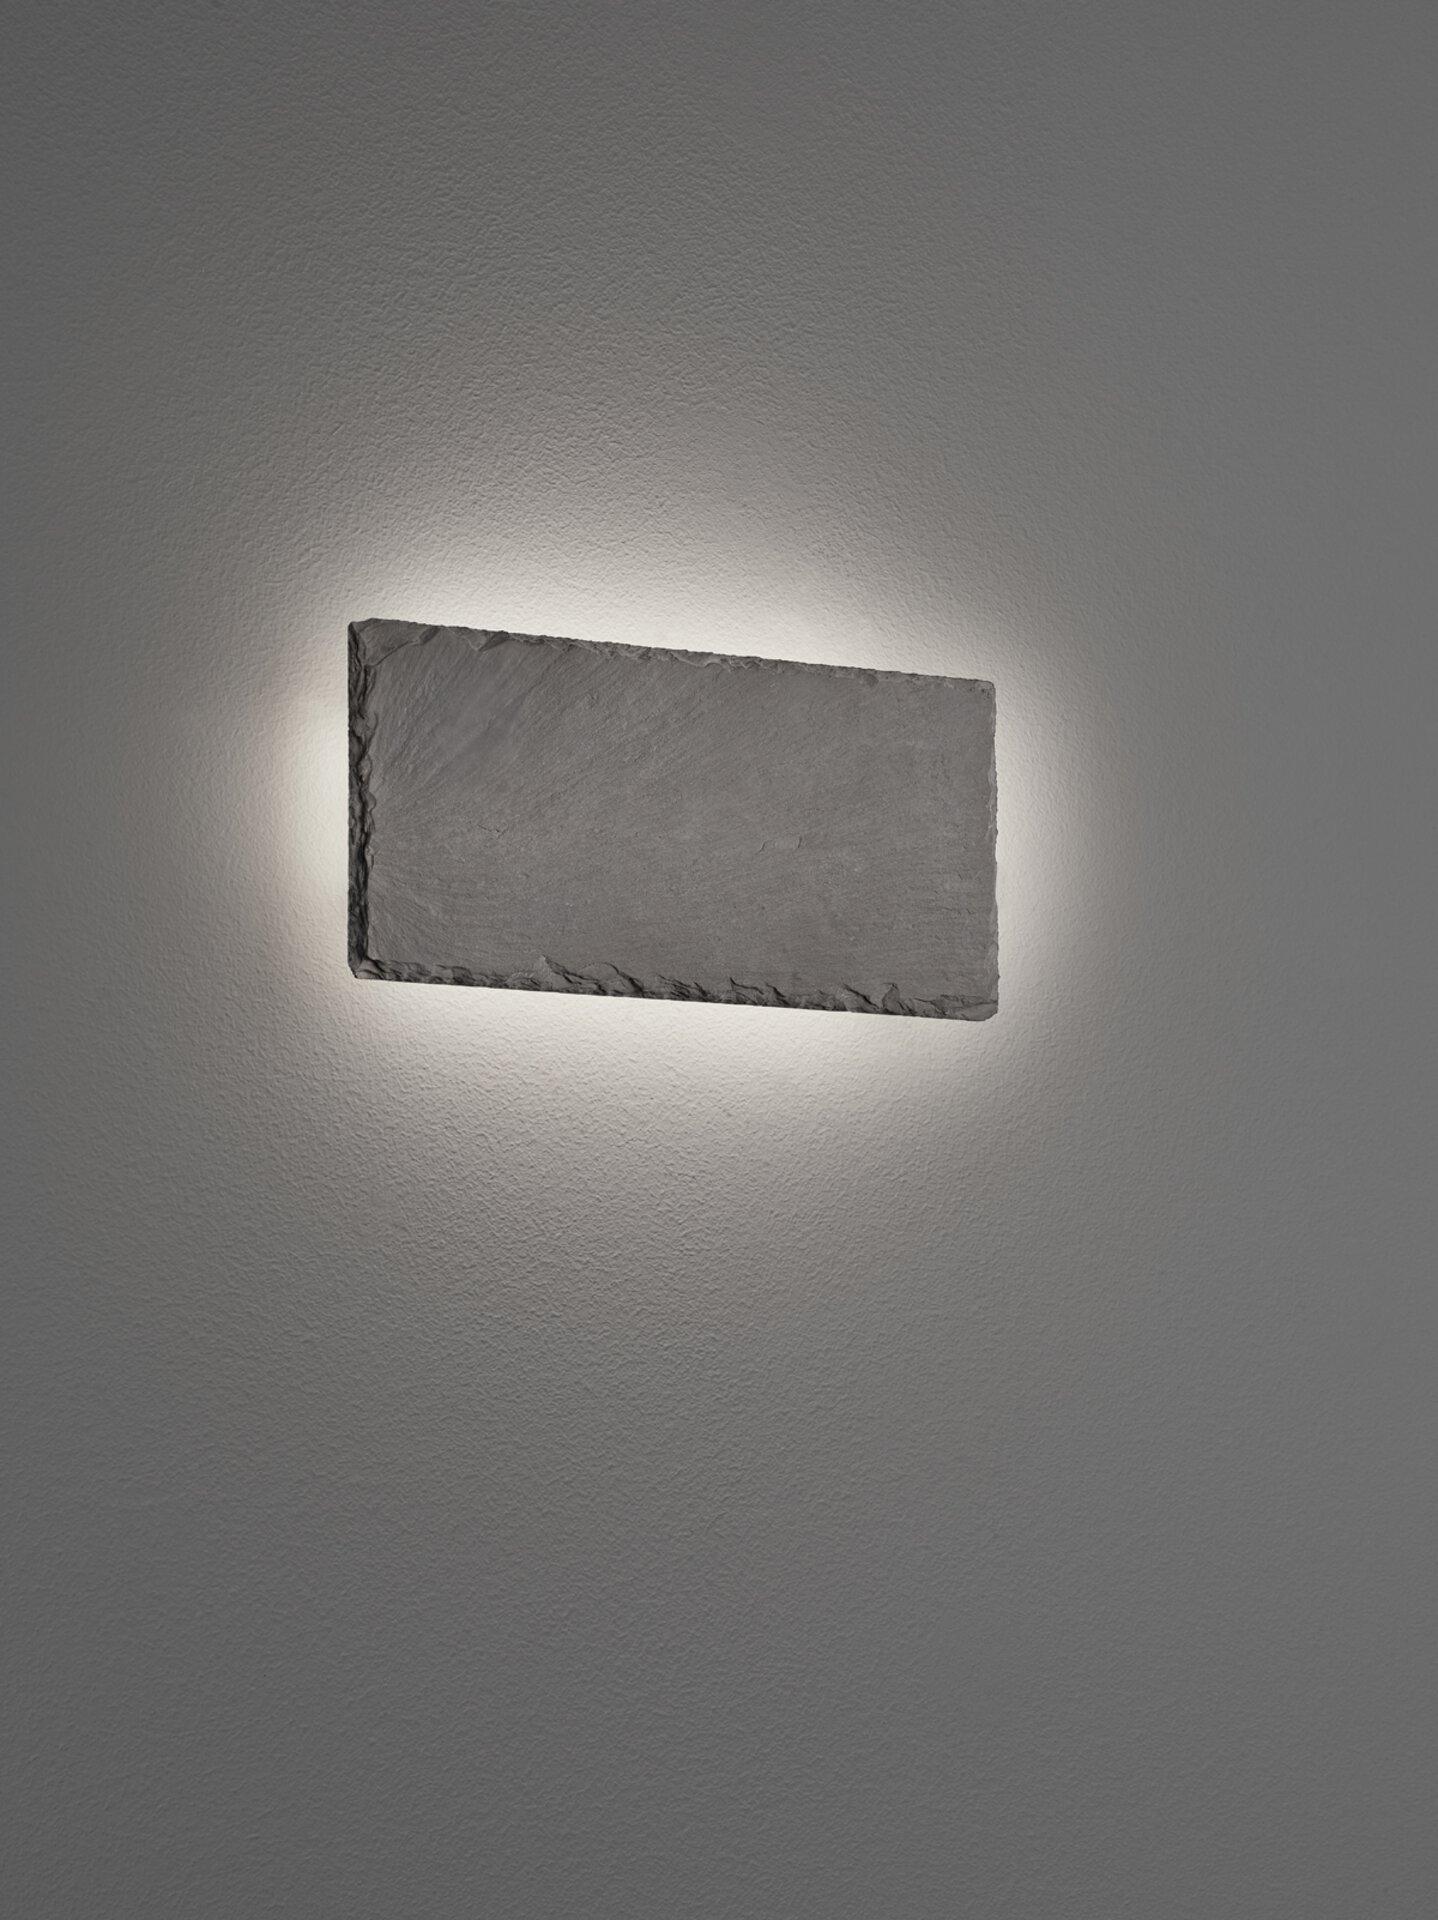 Wandleuchte Raven Trio Leuchten Stein schwarz 4 x 12 x 25 cm